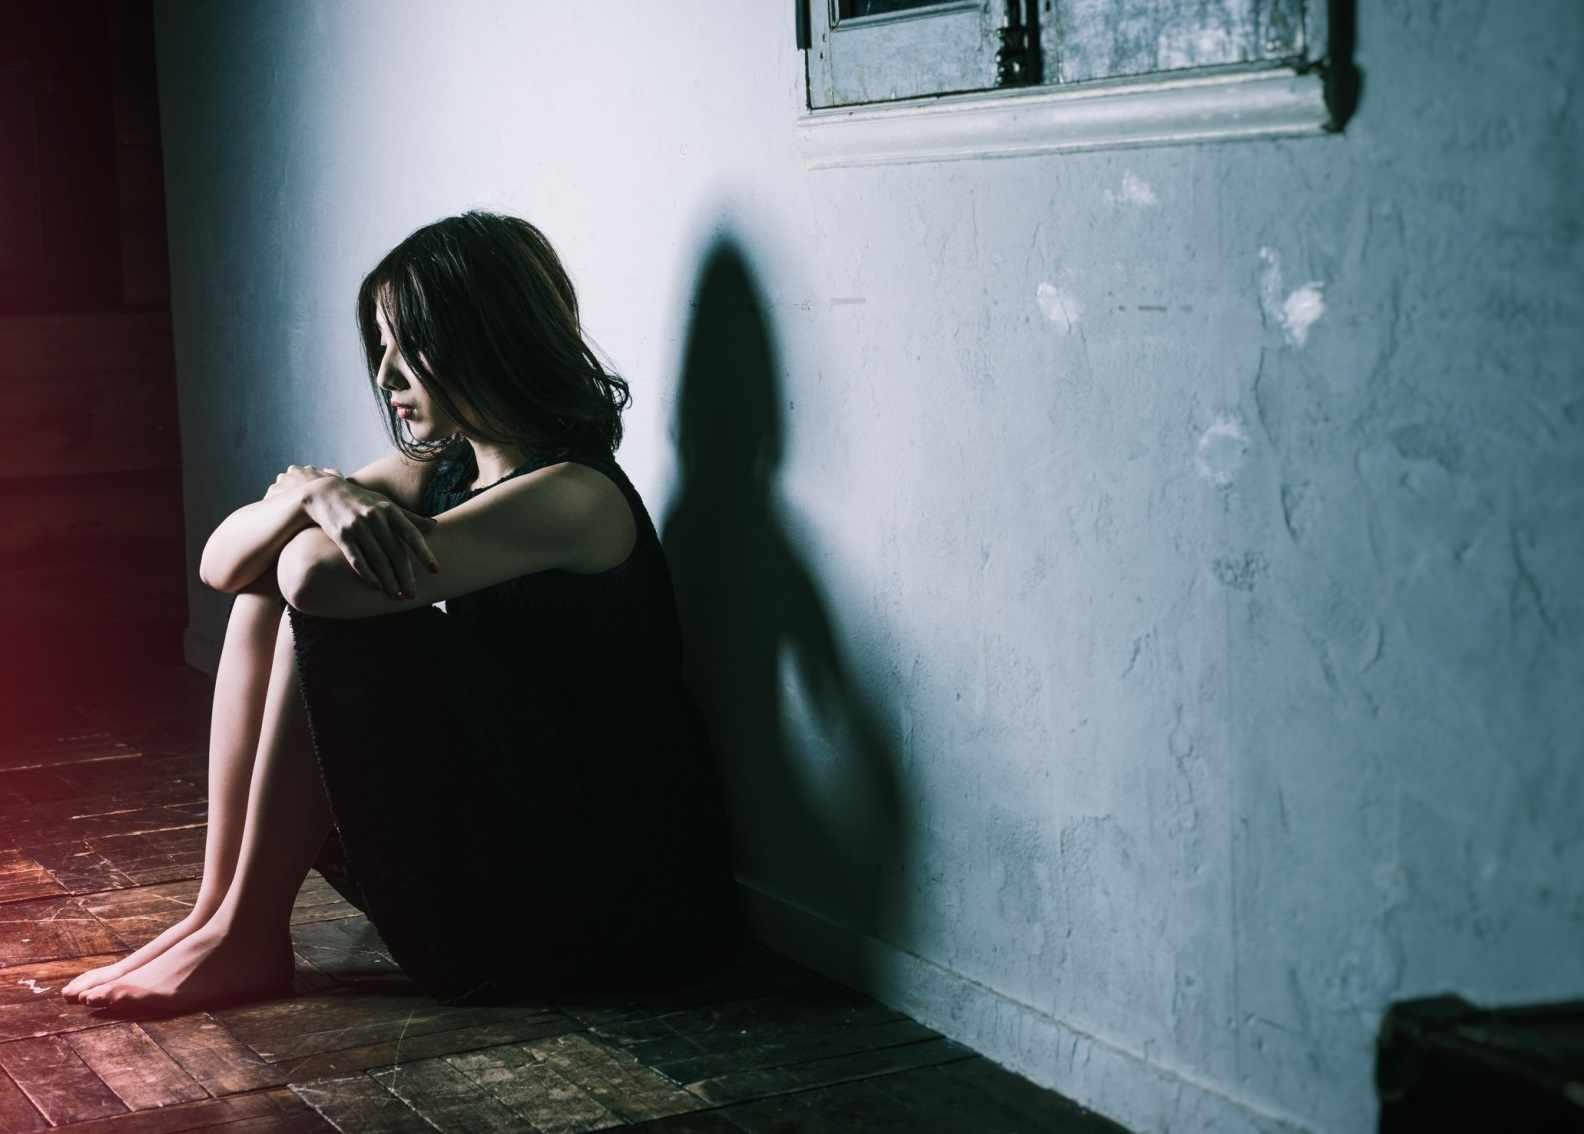 как можно вылечить депрессивное состояние